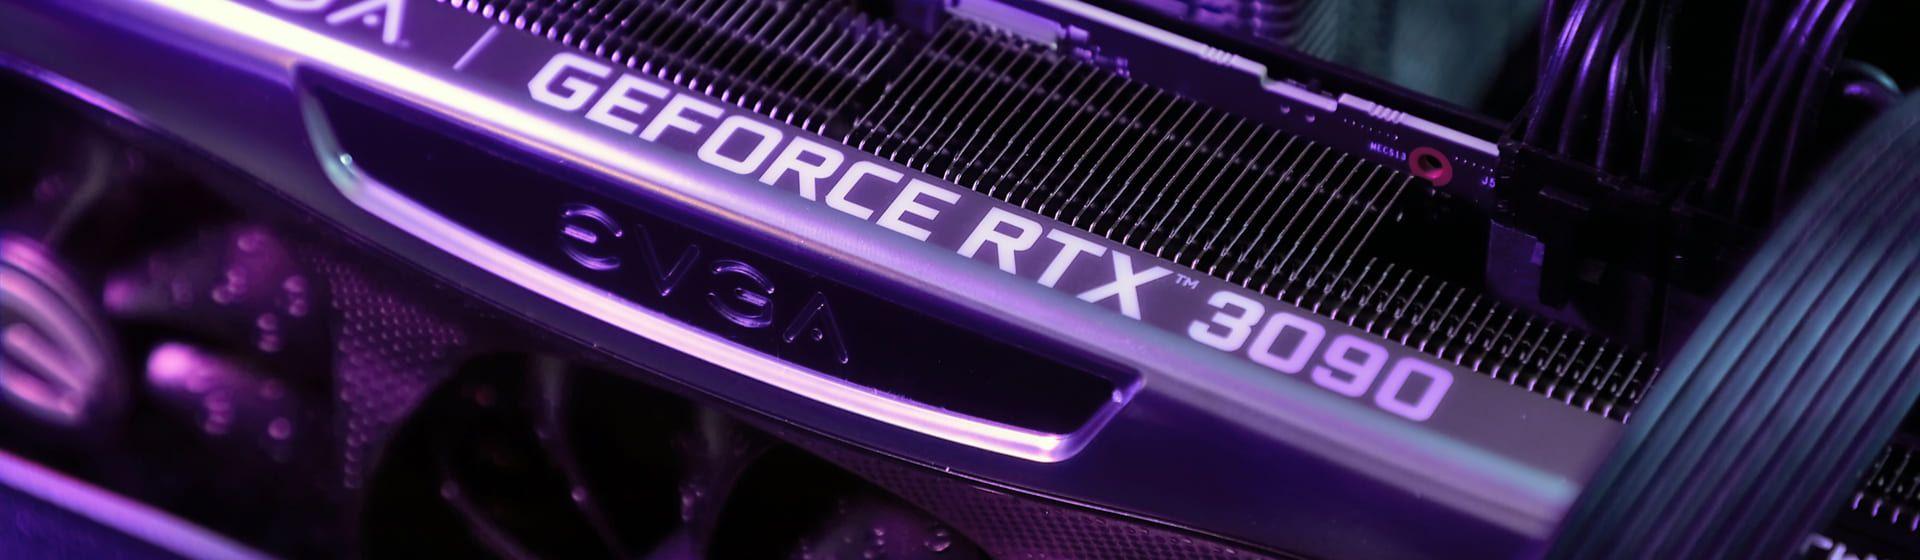 Melhor placa de vídeo Nvidia: conheça 8 modelos GeForce